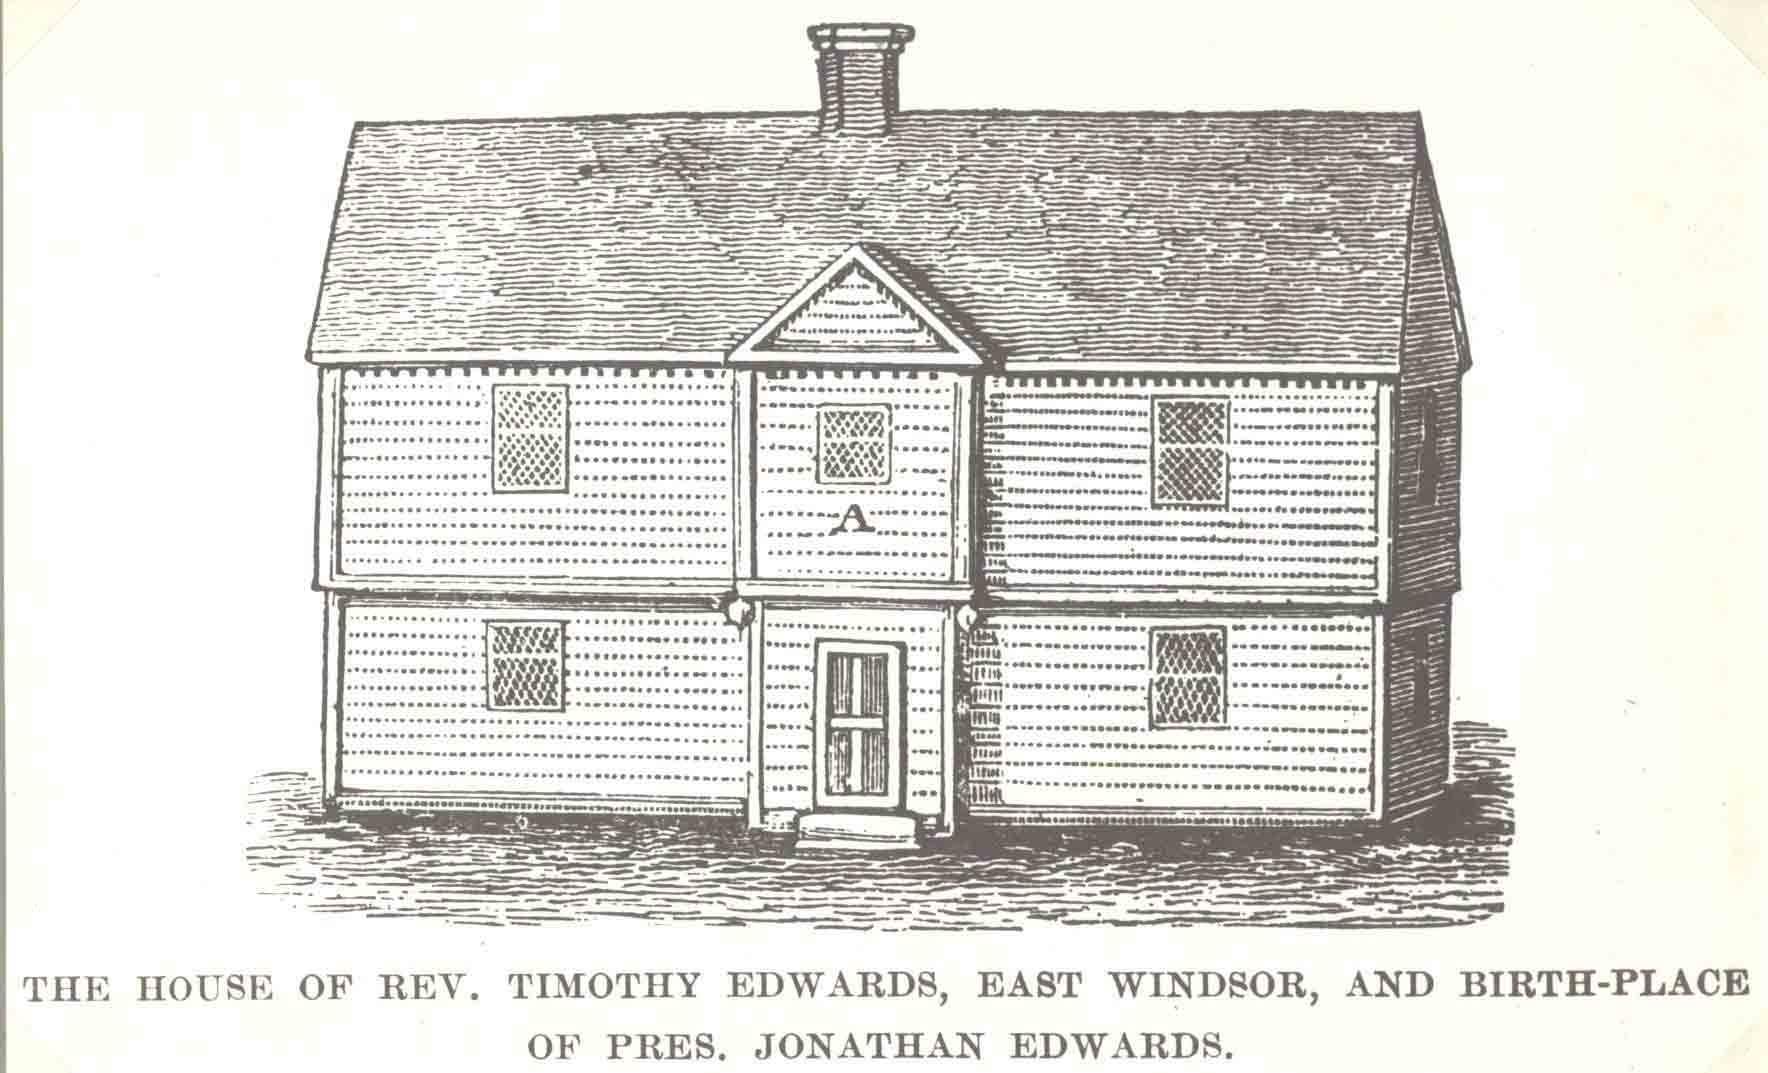 Jonathan Edwards birthplace